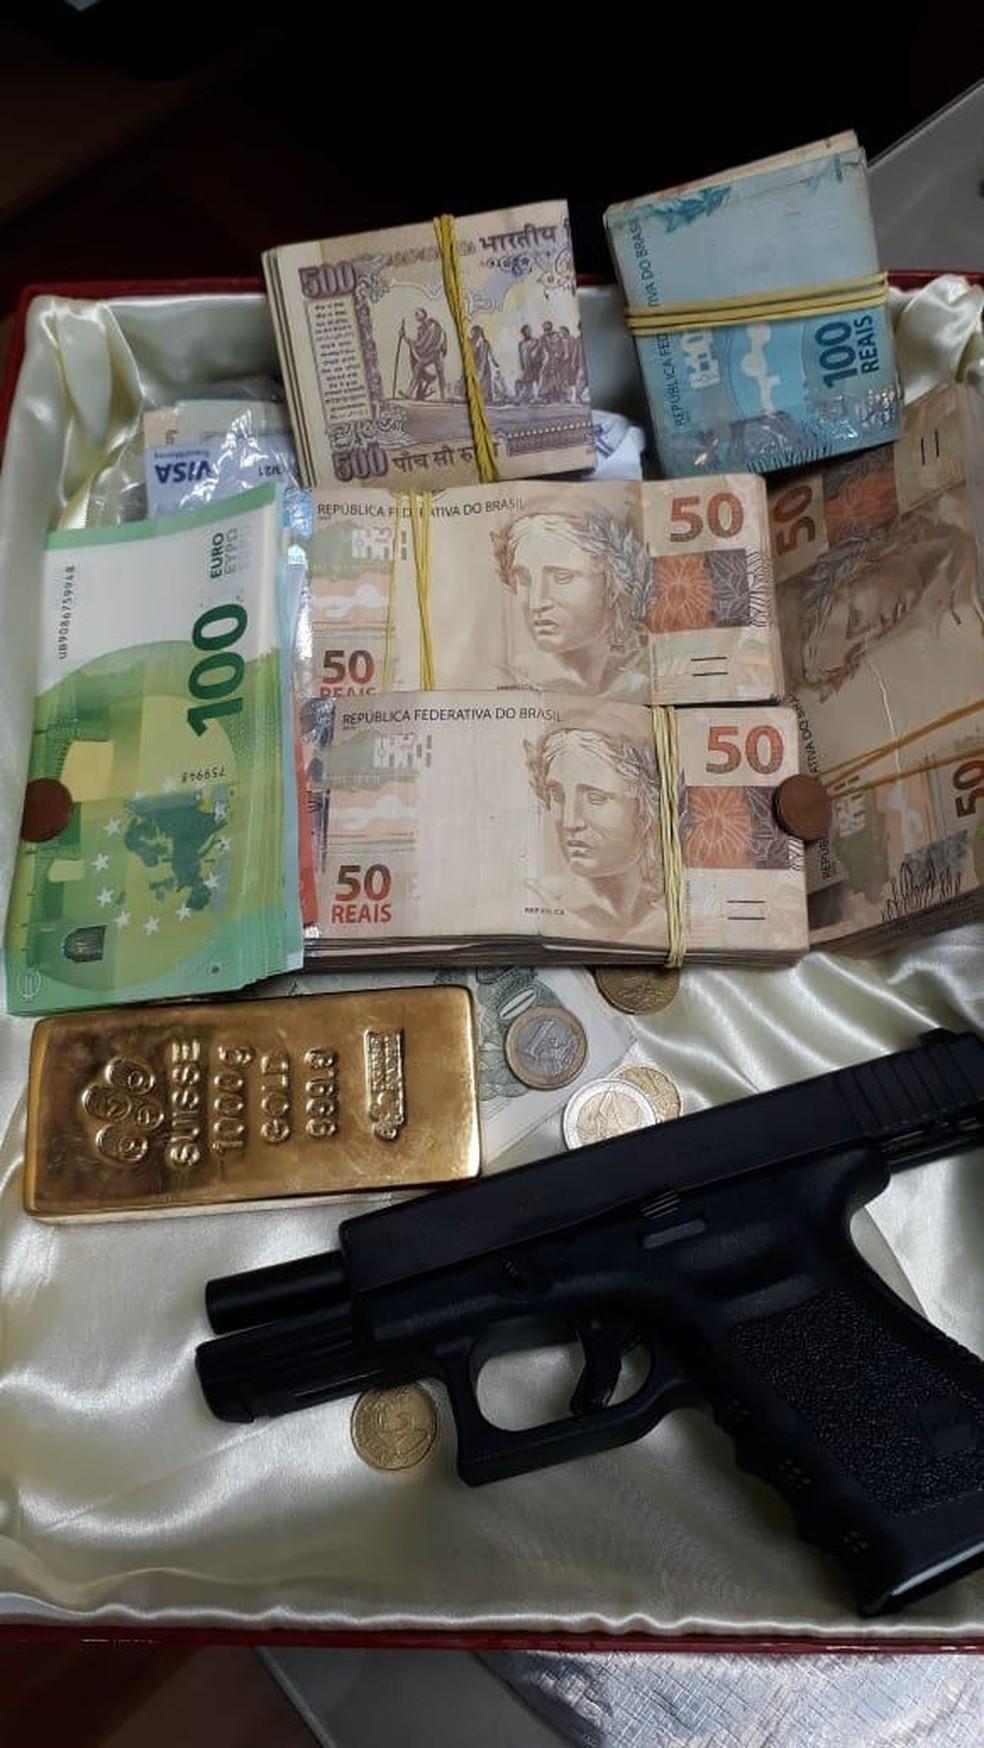 Polícia apreende ouro, dinheiro e arma em operação — Foto: Divulgação/PF